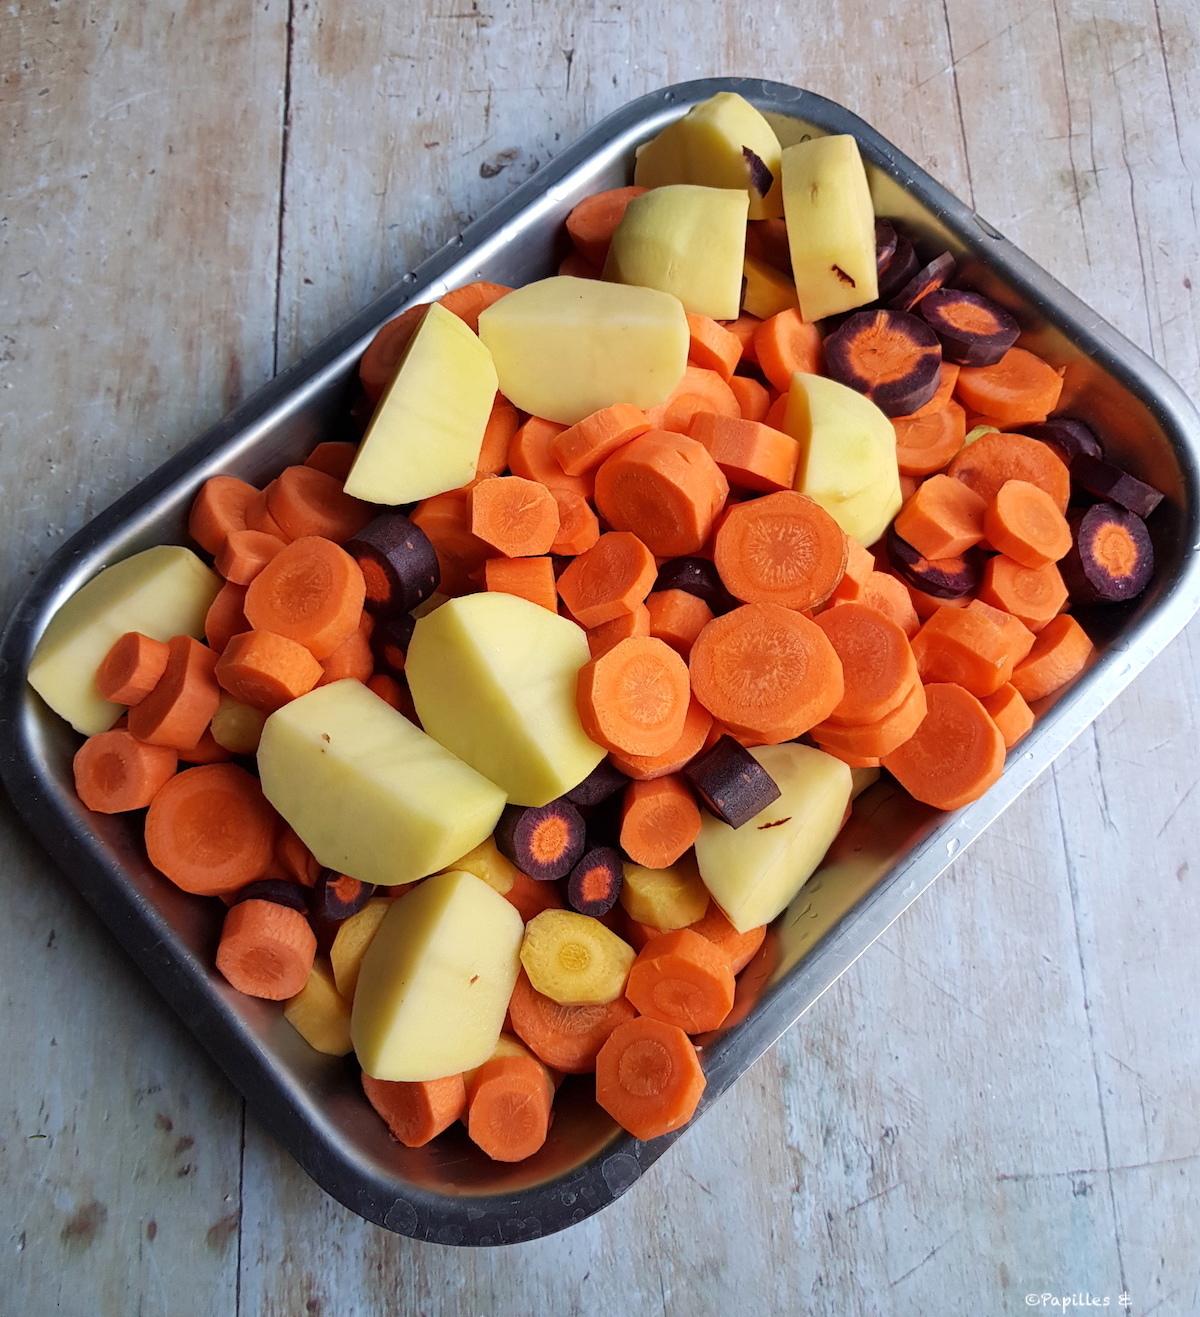 Carottes et pommes de terre